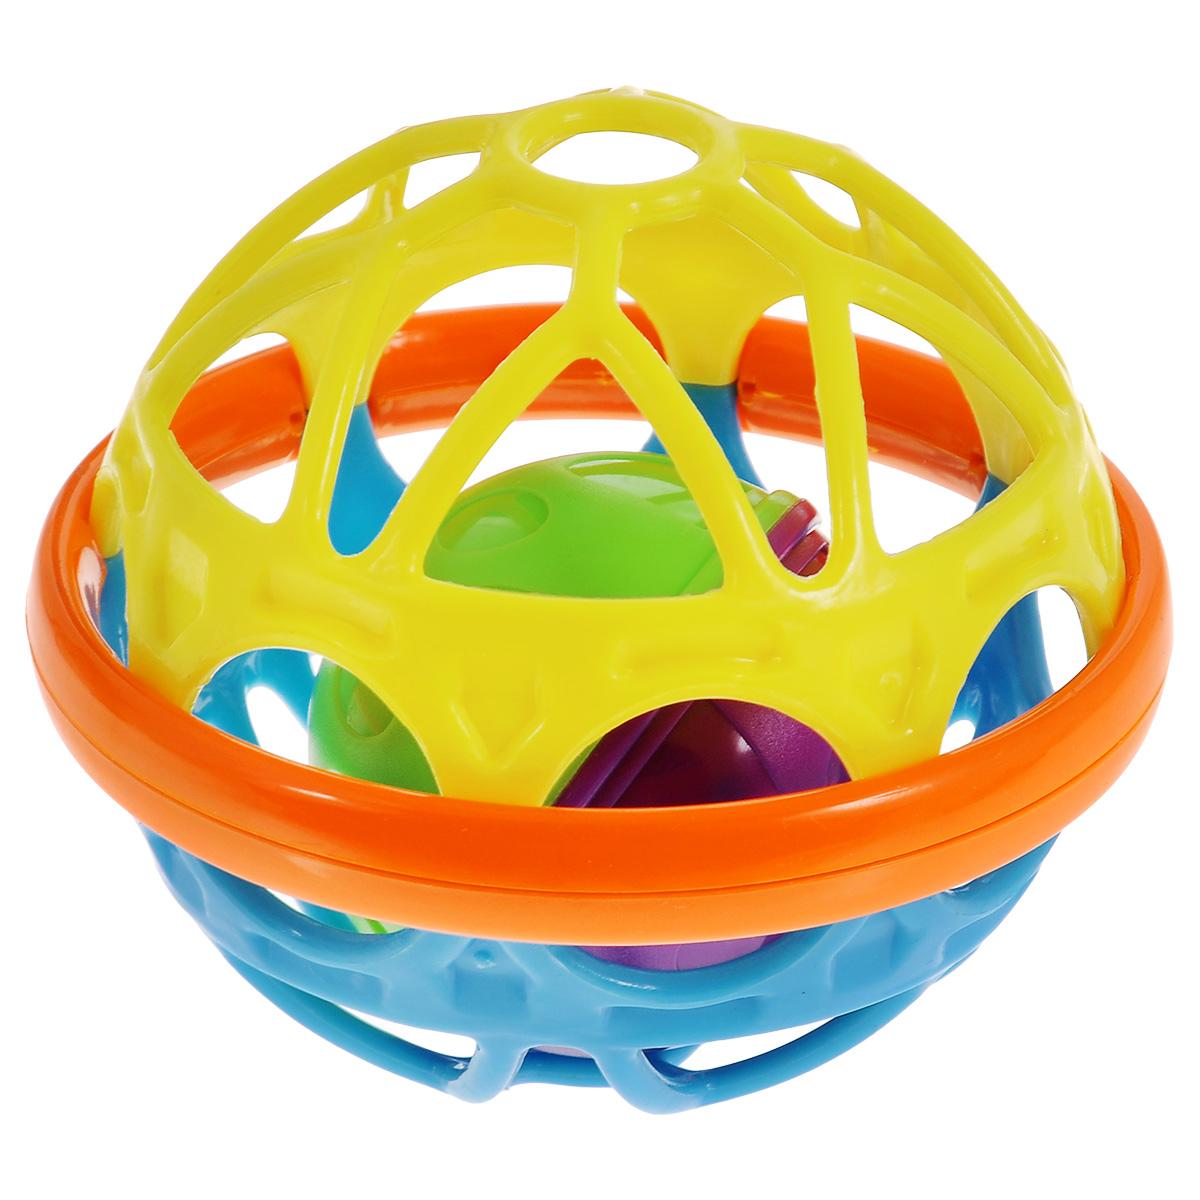 Погремушка Mioshi Гибкий шар, цвет: желтый, голубойTY9062Забавная погремушка Mioshi Гибкий шар в форме красочного шара настраивает детишек на игривый лад, стимулирует развитие зрительного, слухового и тактильного восприятия. Приятную на ощупь игрушку детишкам можно не только держать в ручках, но и просто катать по полу, как мячик, а затем ползти за ней. Дети в раннем возрасте всегда очень любознательны, они тщательно исследуют все, что попадает им в руки. > Игра с погремушкой способствует развитию мелкой моторики, восприятия формы и цвета предметов, а также слуха и зрения. Заботясь о здоровье и безопасности малышей, Mioshi выпускает только качественную продукцию, которая прошла сертификацию.